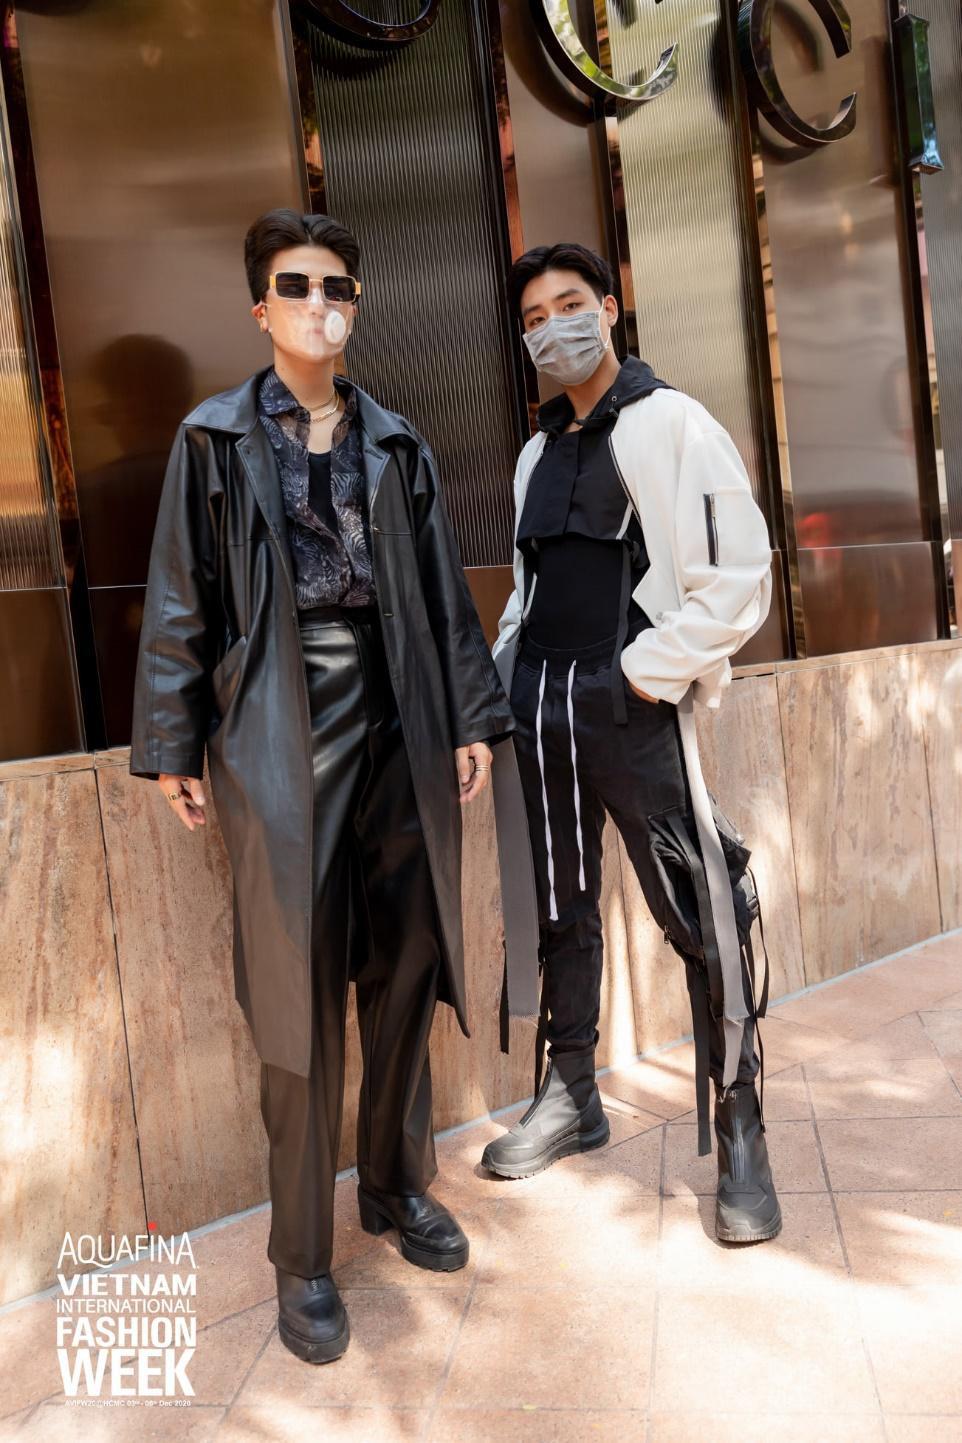 Đặc sản của mỗi tuần lễ thời trang đây rồi: Giới trẻ Sài thành chất như nước cất khi tham dự The Best Street Style, ý tưởng đằng sau là gì? - Ảnh 3.